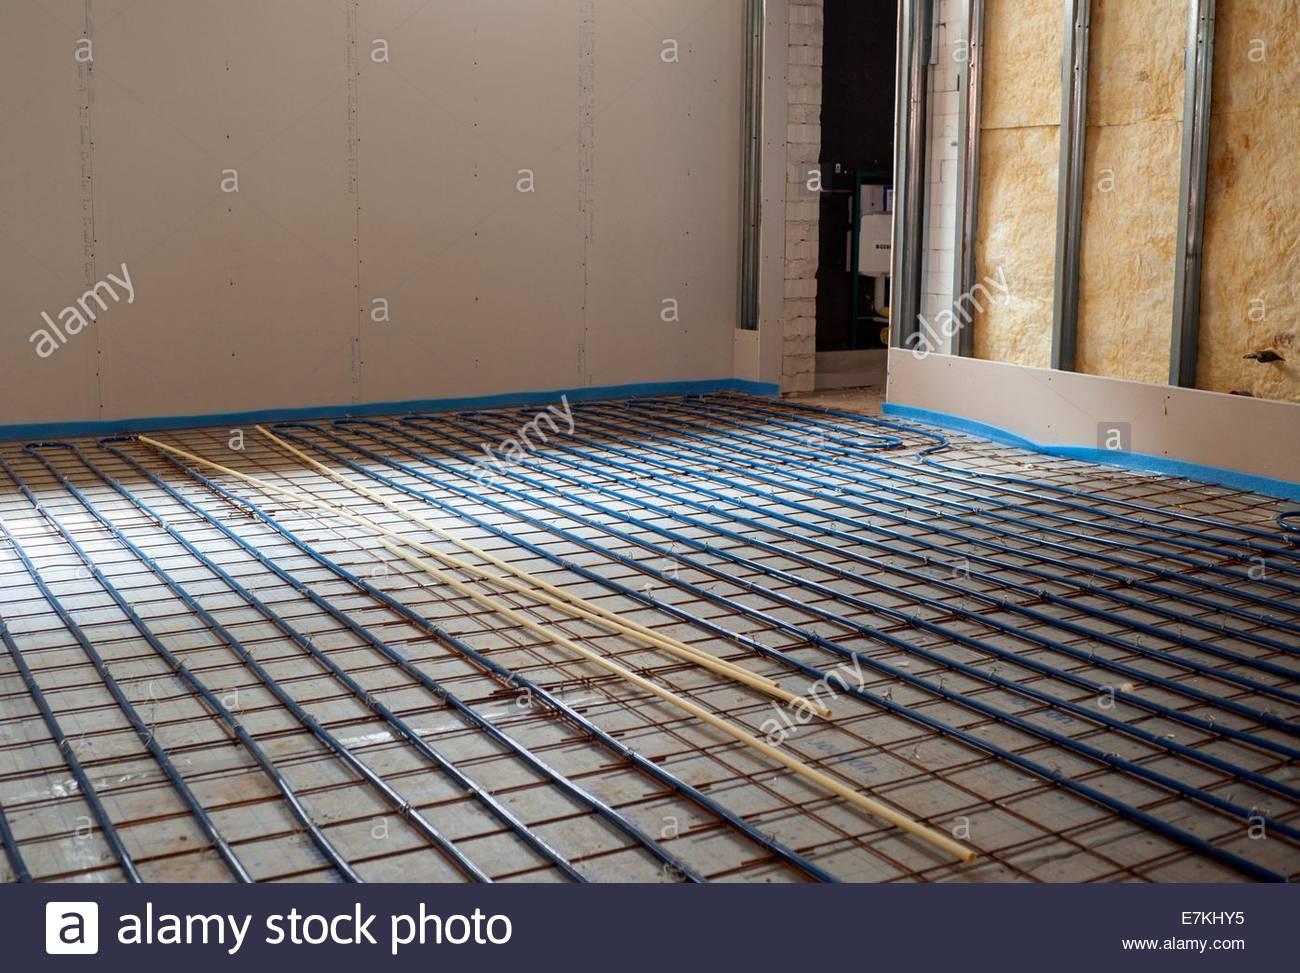 Underfloor heating being laid. - Stock Image